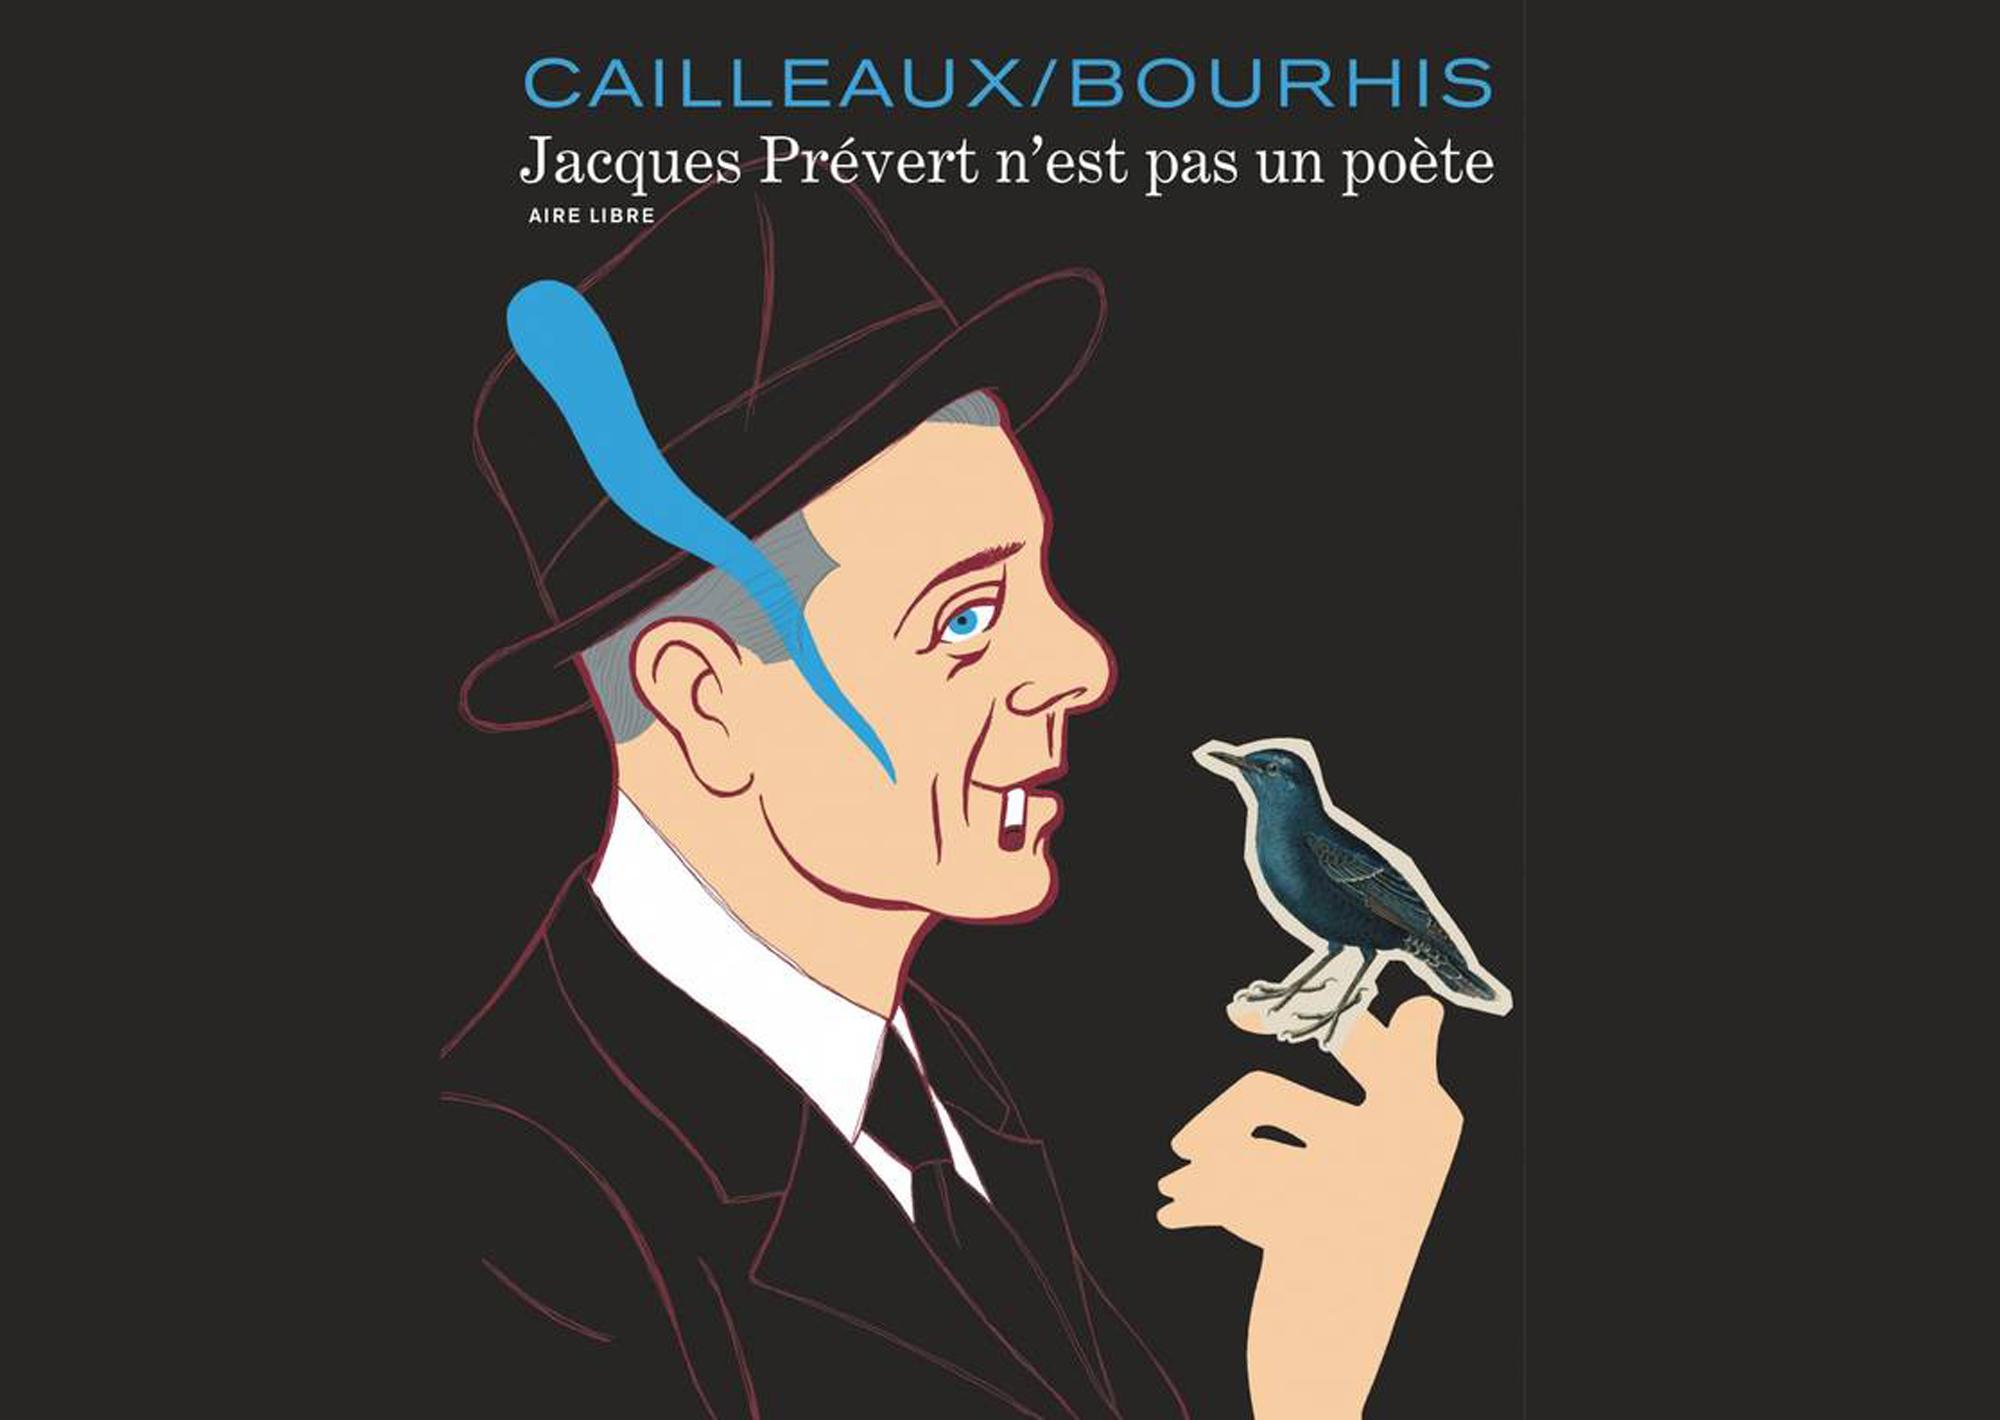 Christian-Cailleaux-Jaques-Prévert-n'est-pas-un-poète